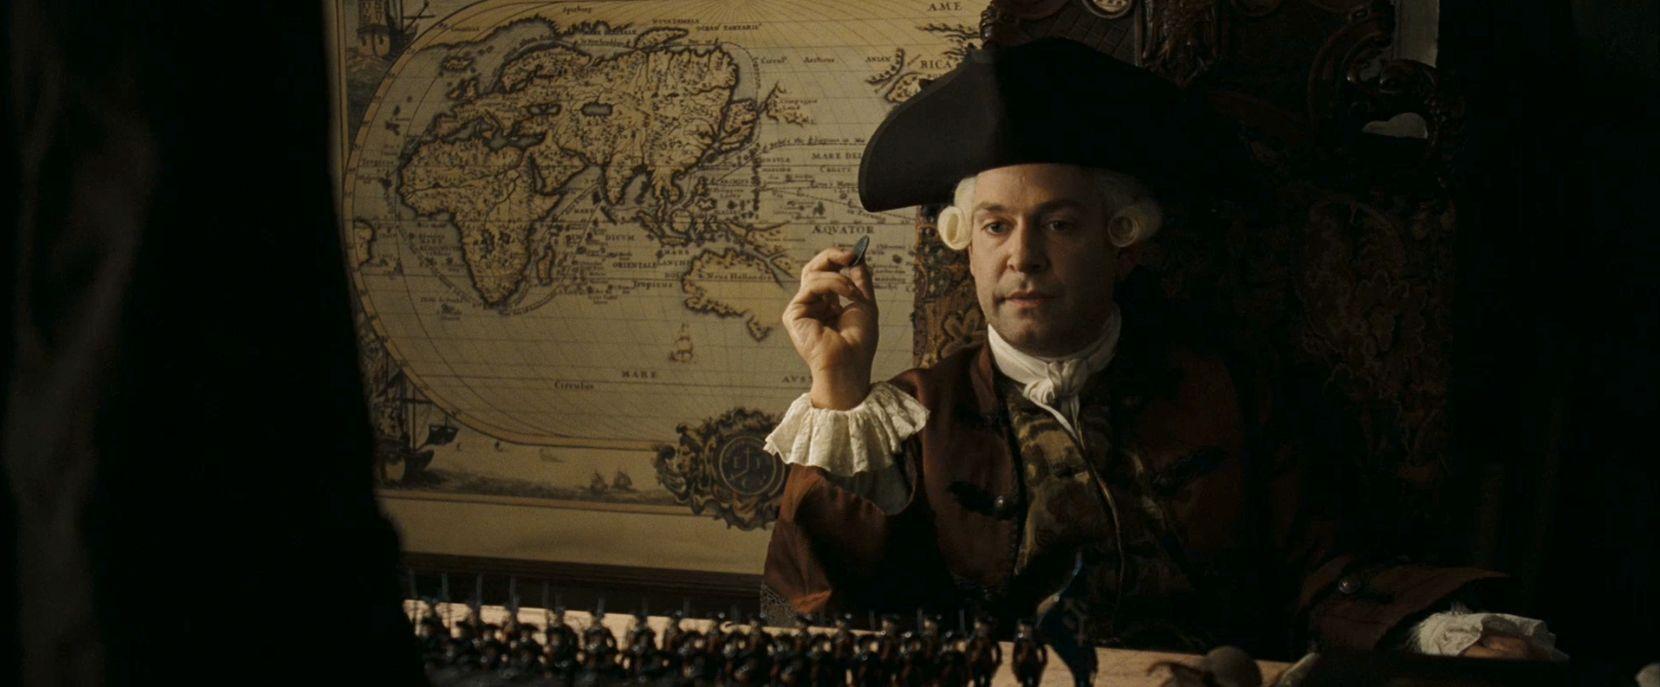 ¿Cuál es el barco de Lord Cutler Beckett en el Fin del Mundo?